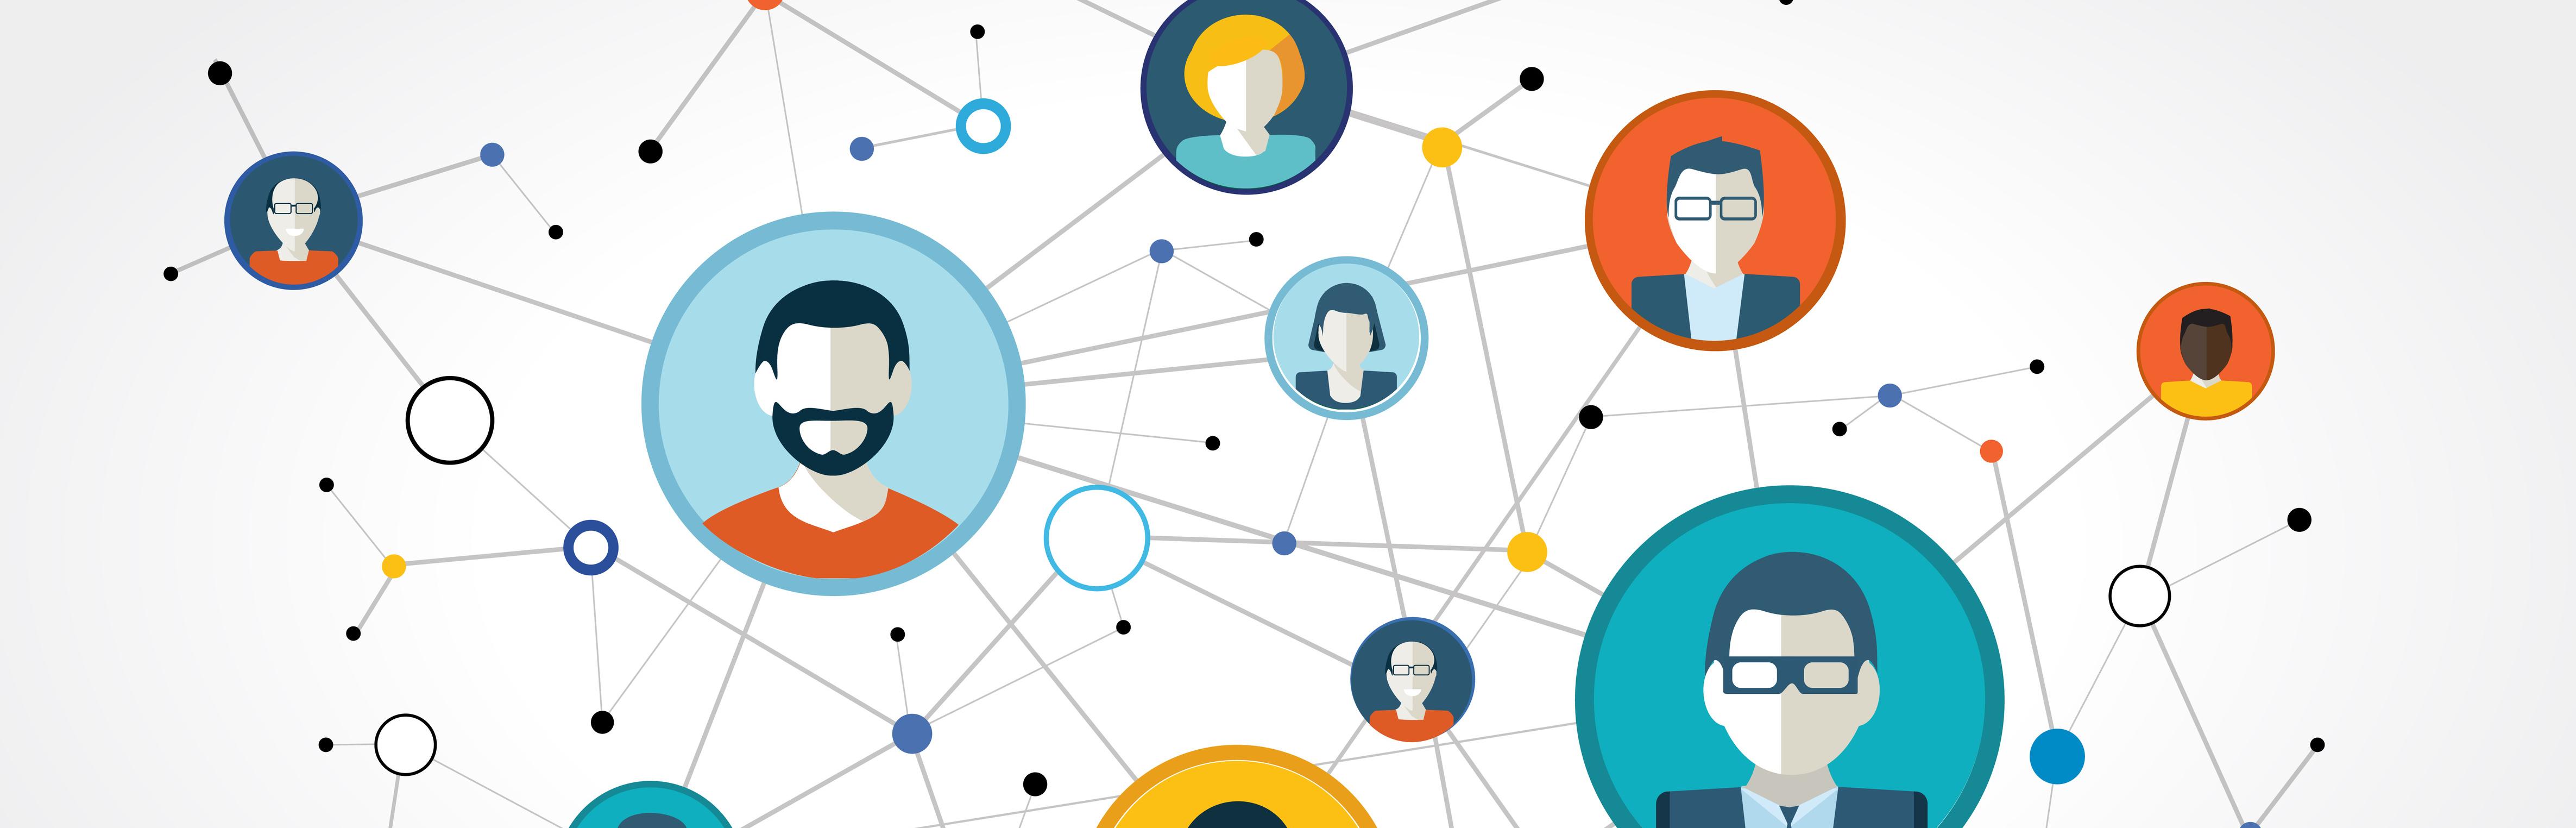 Symbolfoto für soziales Netzwerken - Erstellung eines LinkedIn-Profils